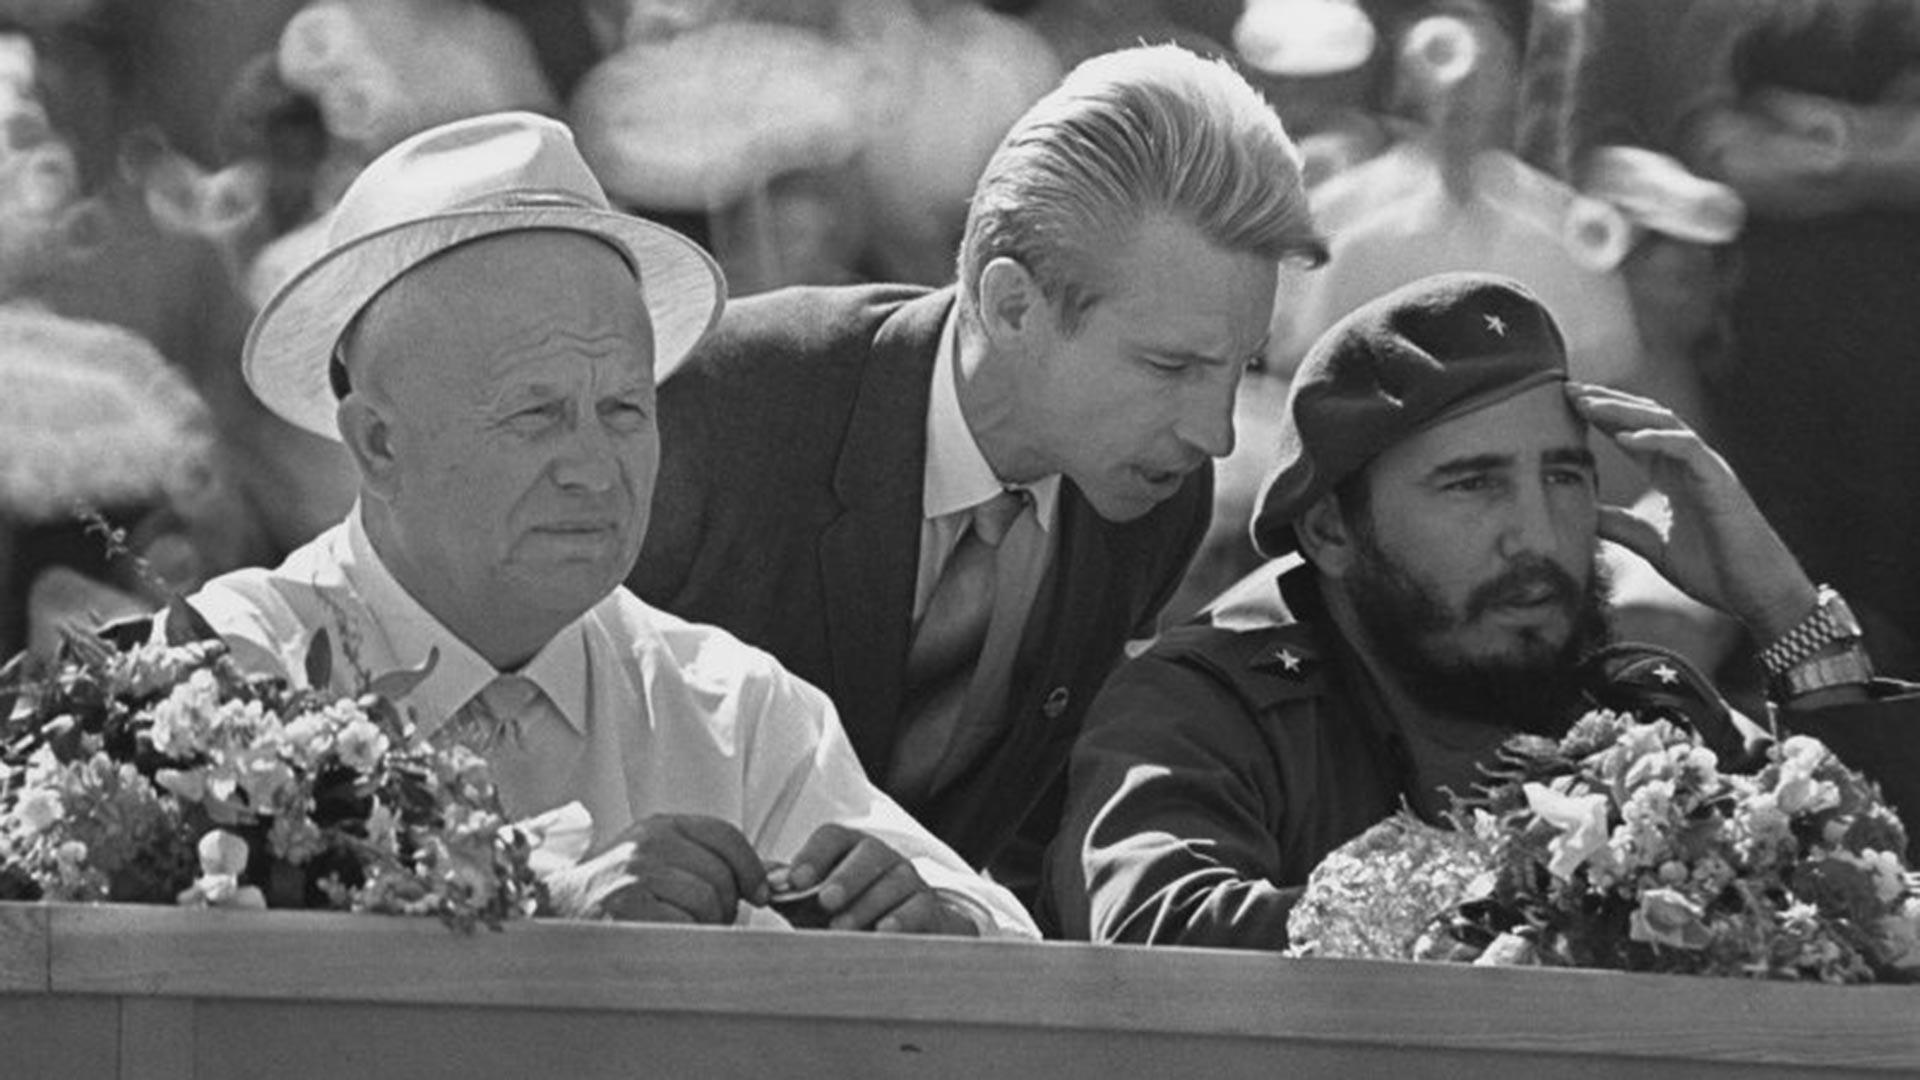 Khrouchtchev et Castro lors d'un meeting d'amitié soviéto-cubaine à Moscou, le 23 mai 1963